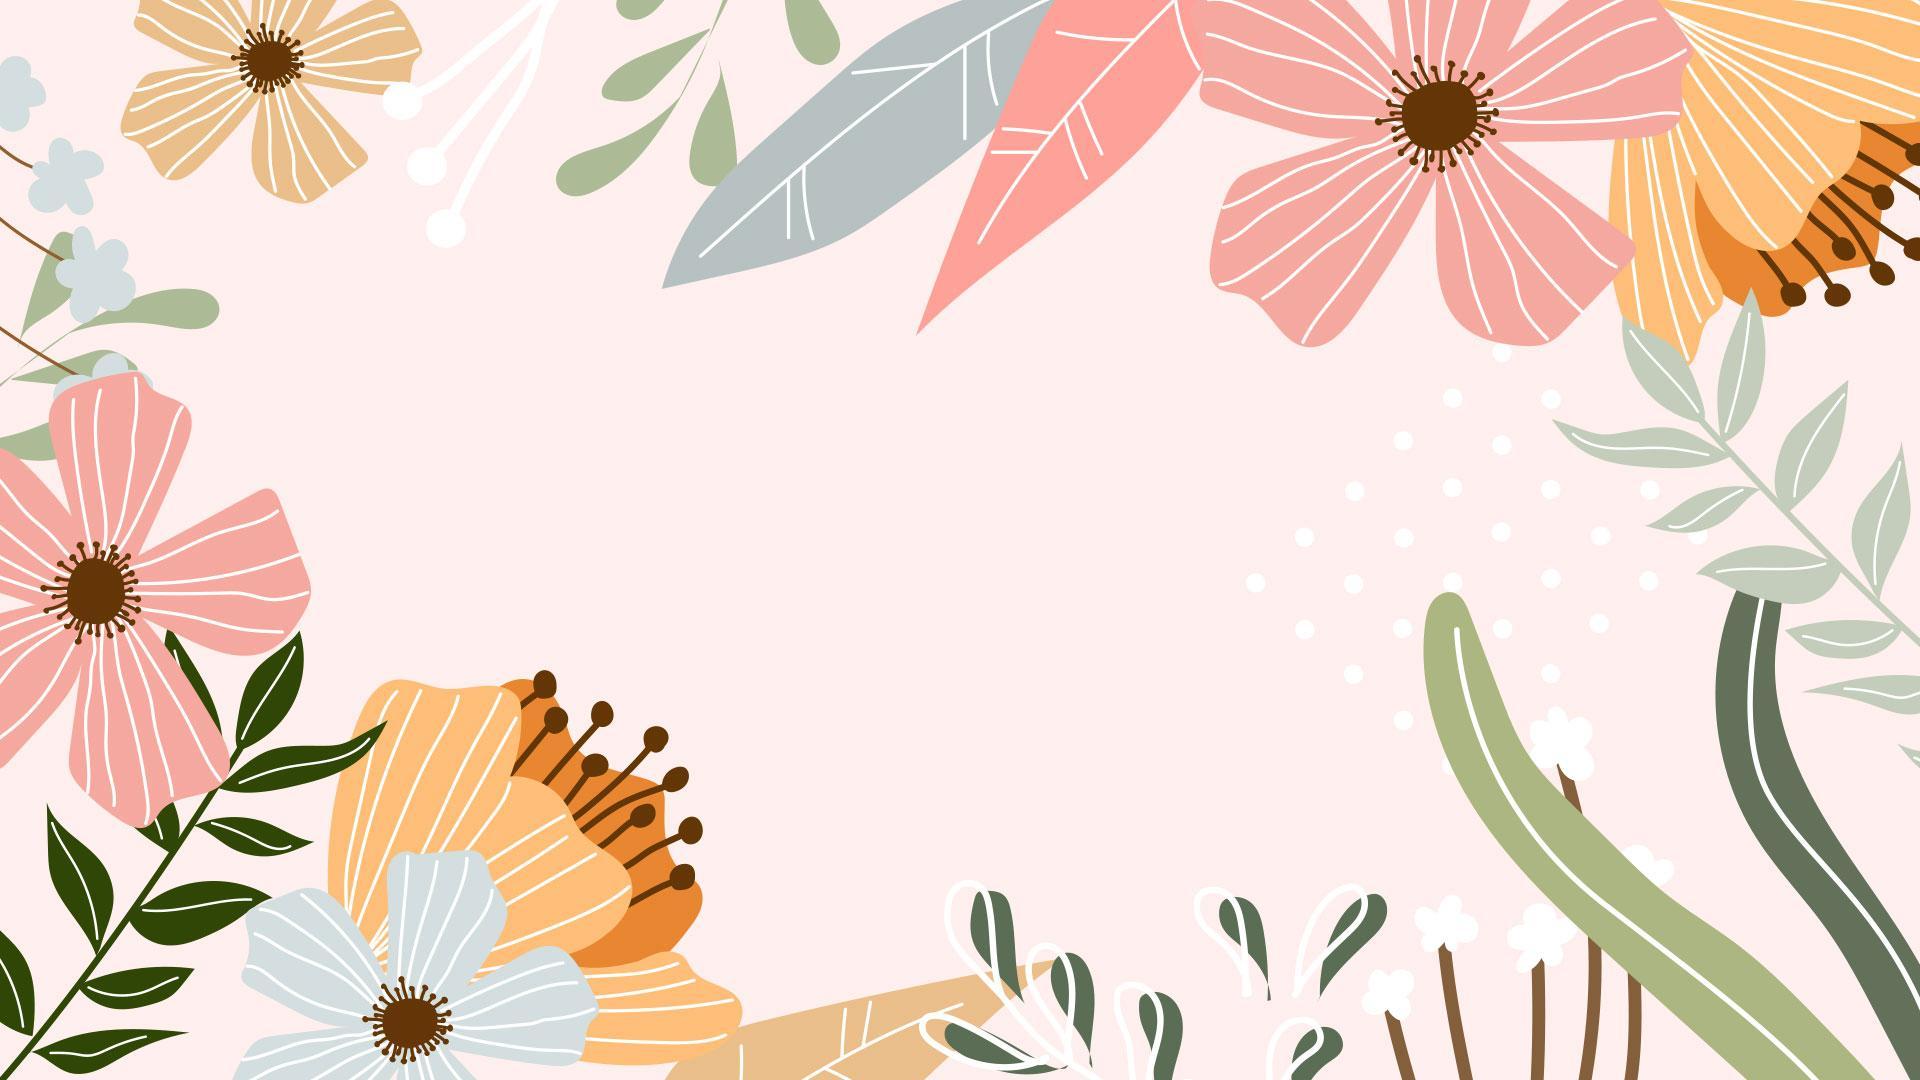 Bureaublad lente achtergrond met bloemen